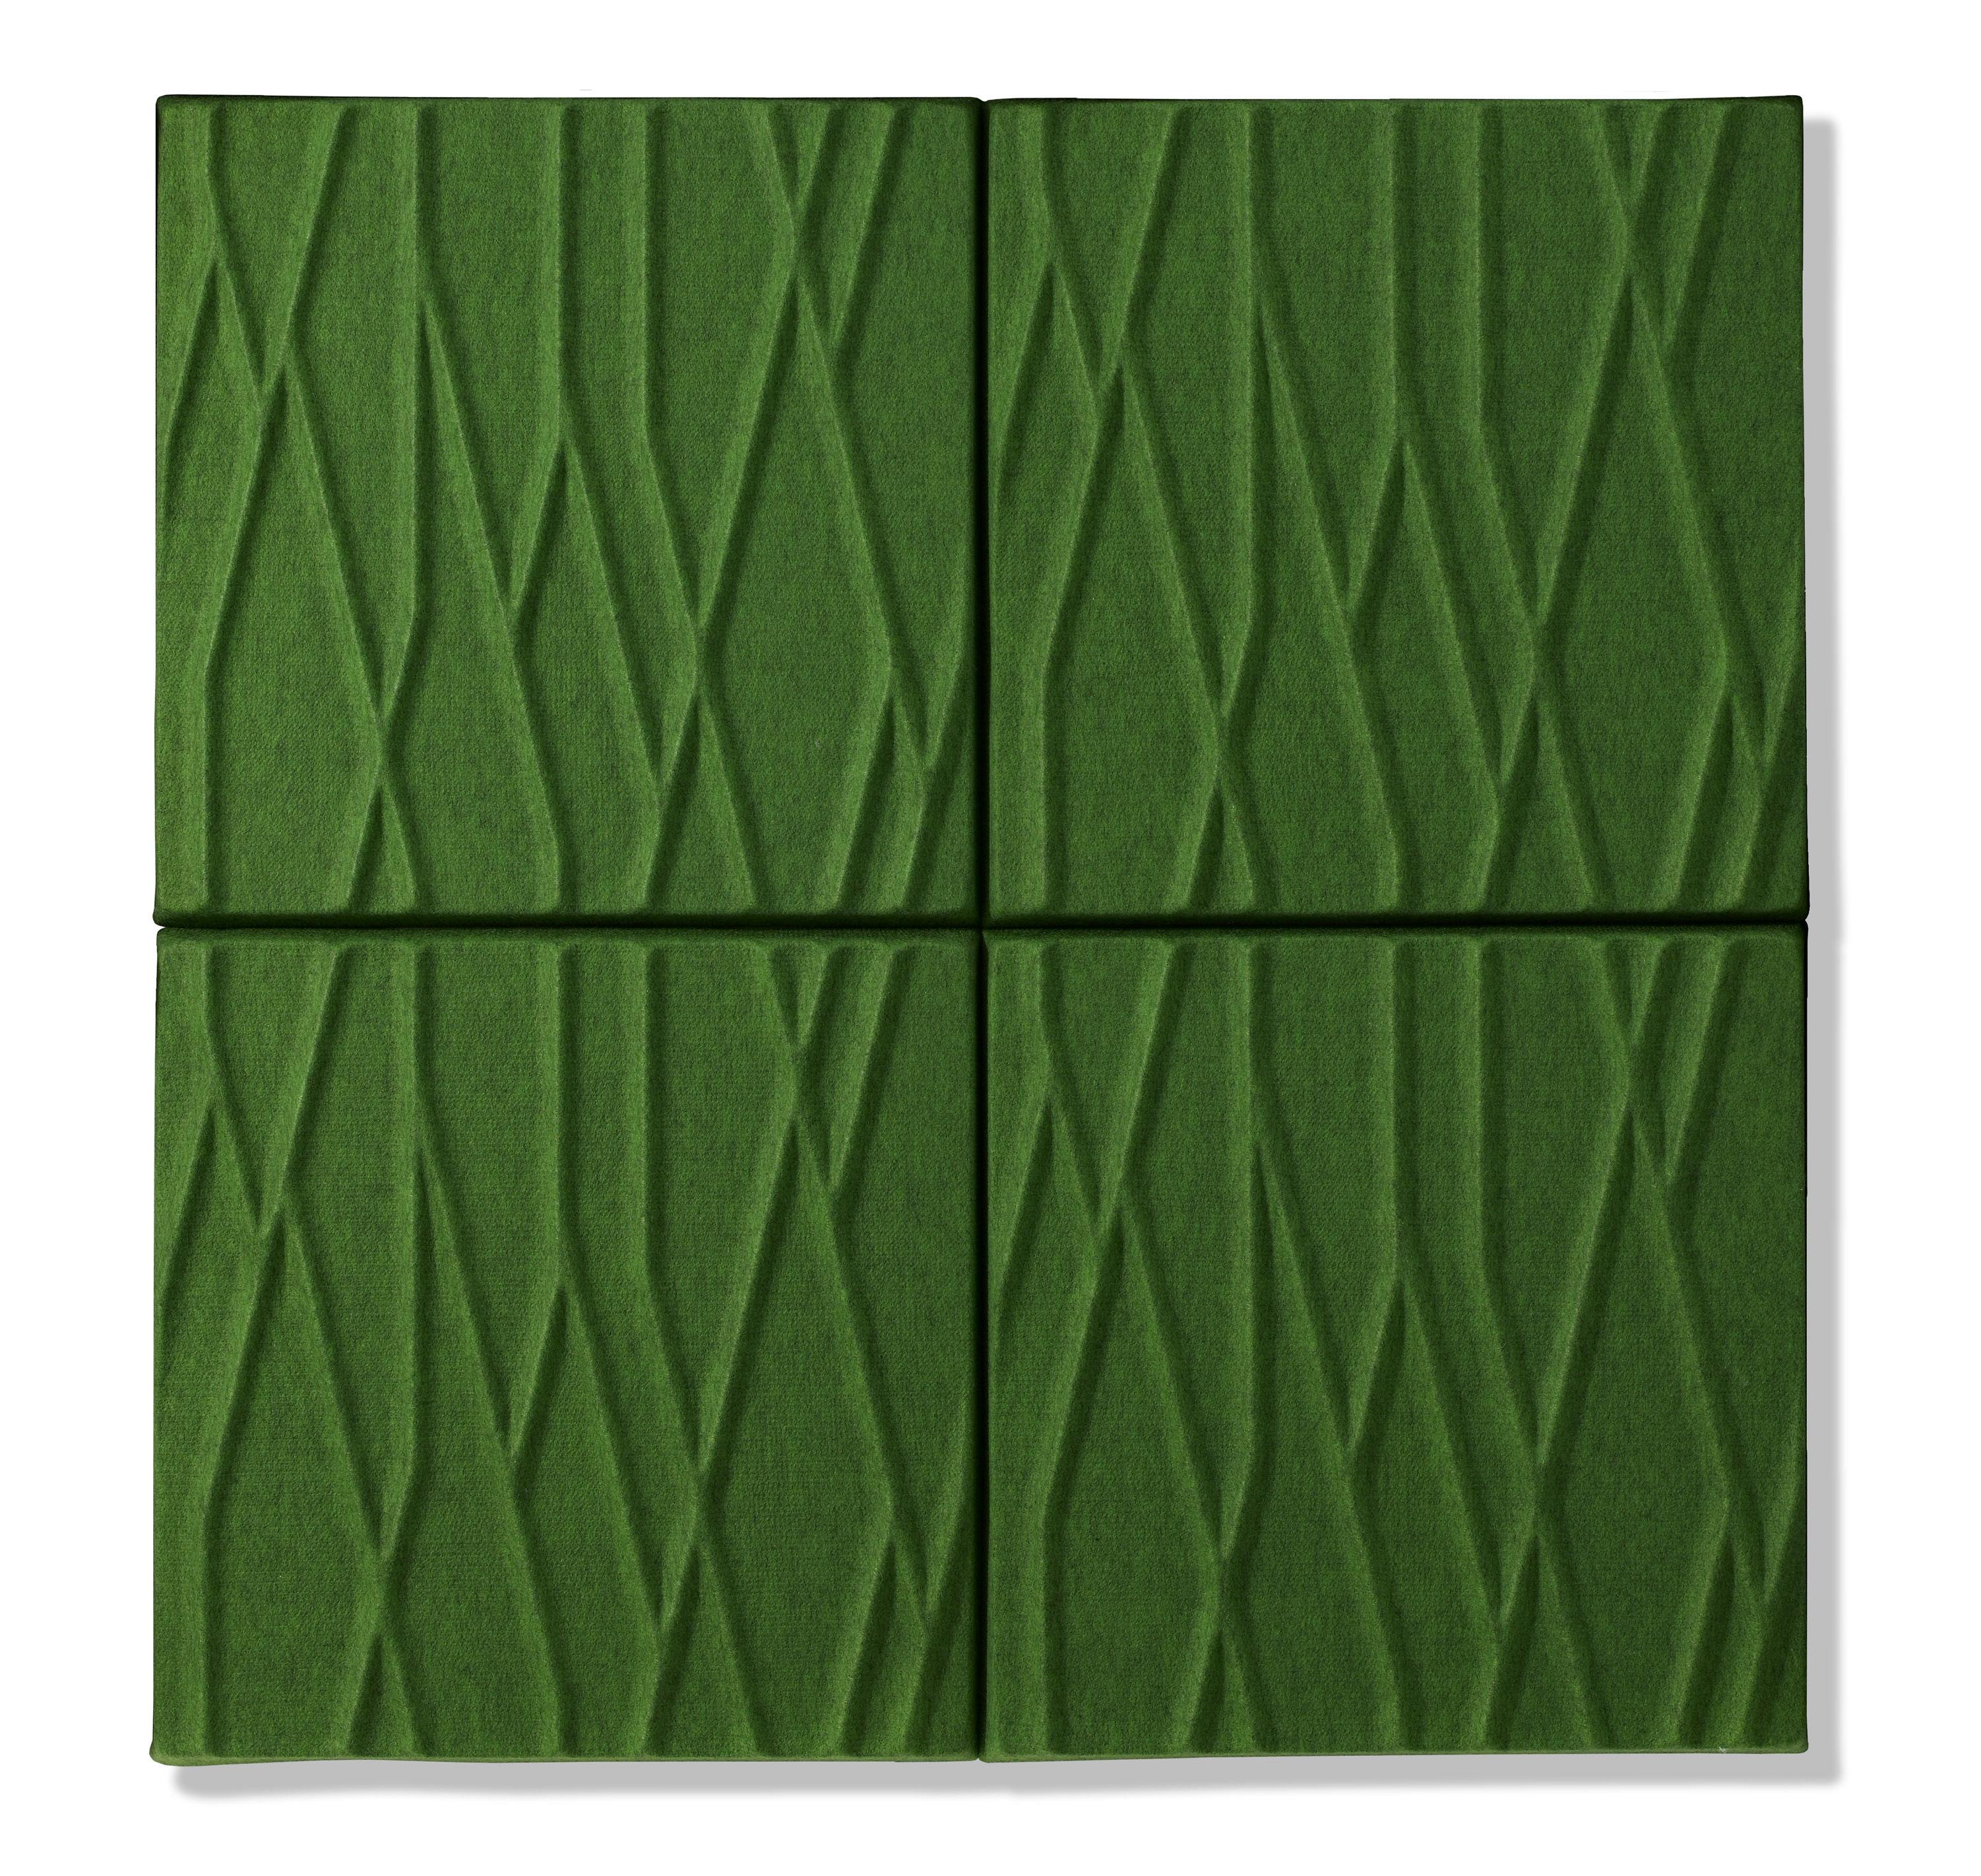 panneau acoustique mural soundwave botanic gris clair offecct. Black Bedroom Furniture Sets. Home Design Ideas